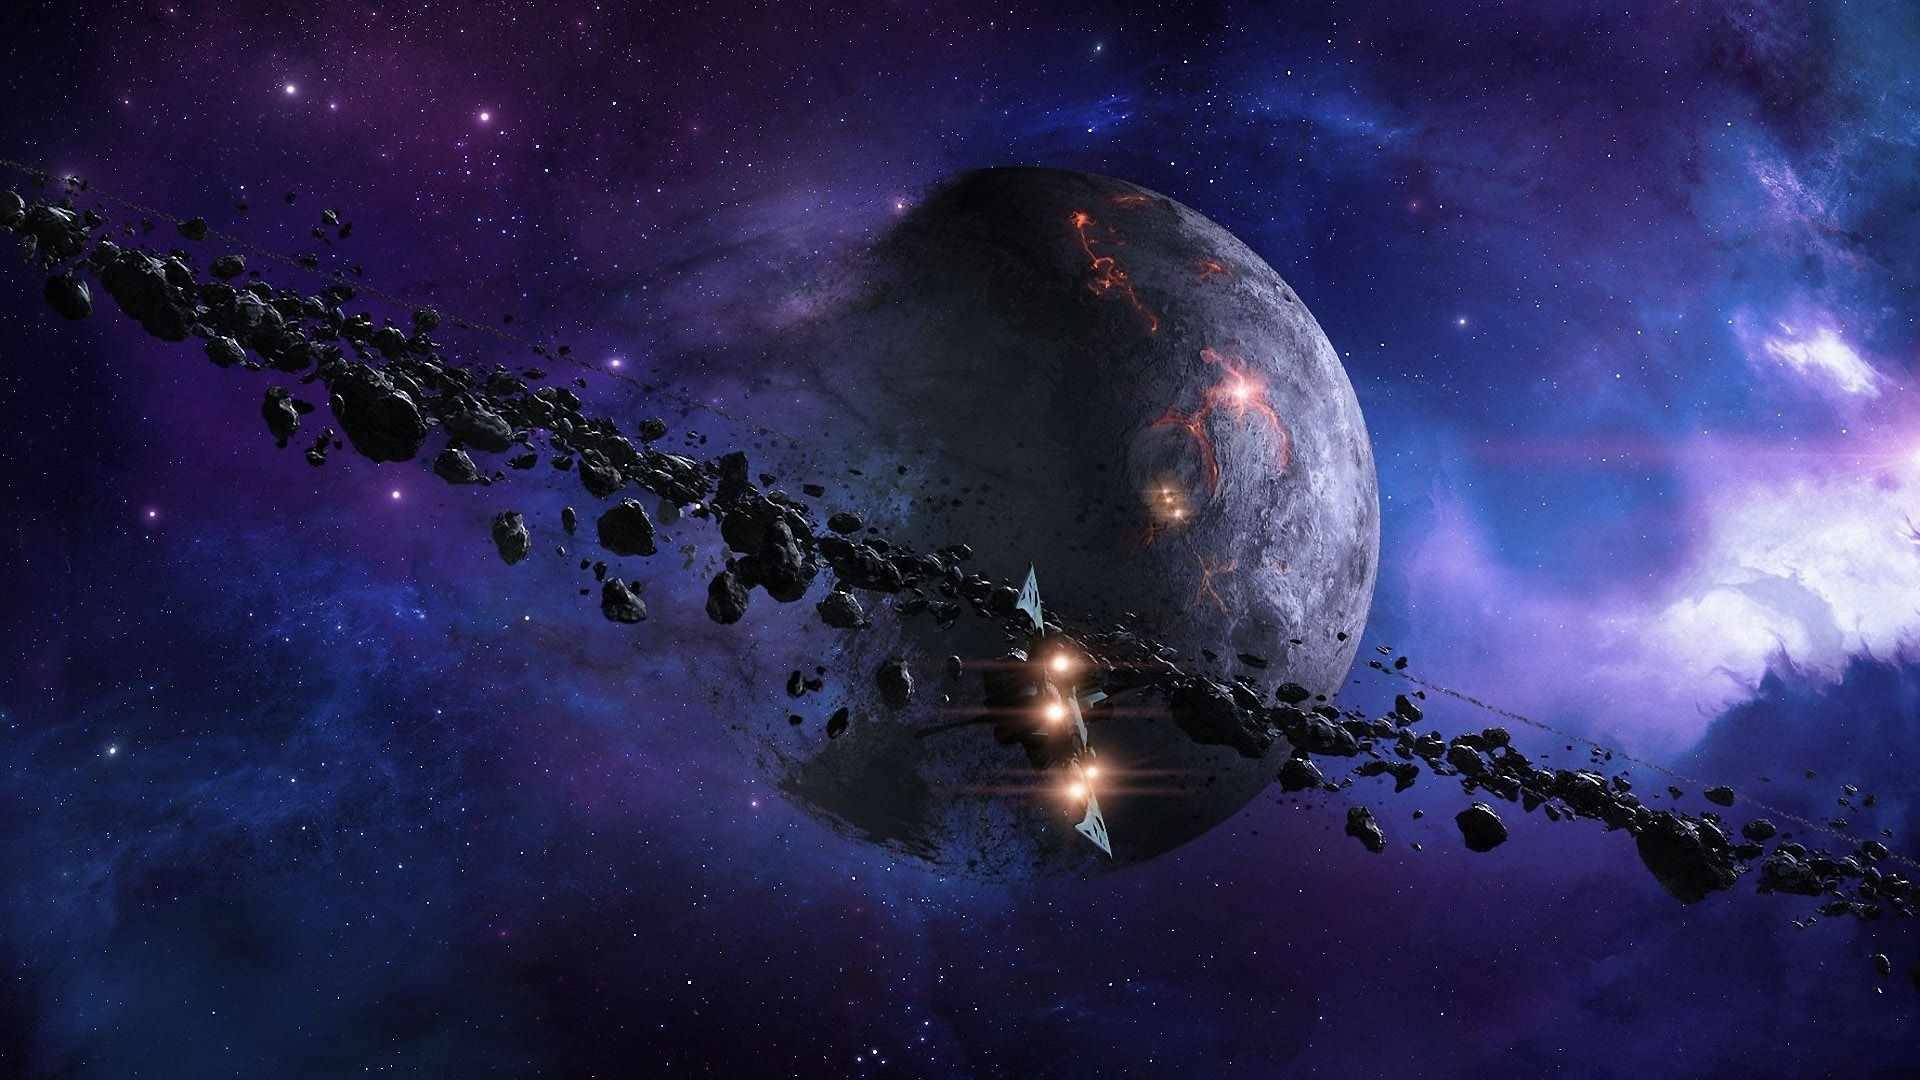 Скачать картинки космоса красивые для срисовки 12